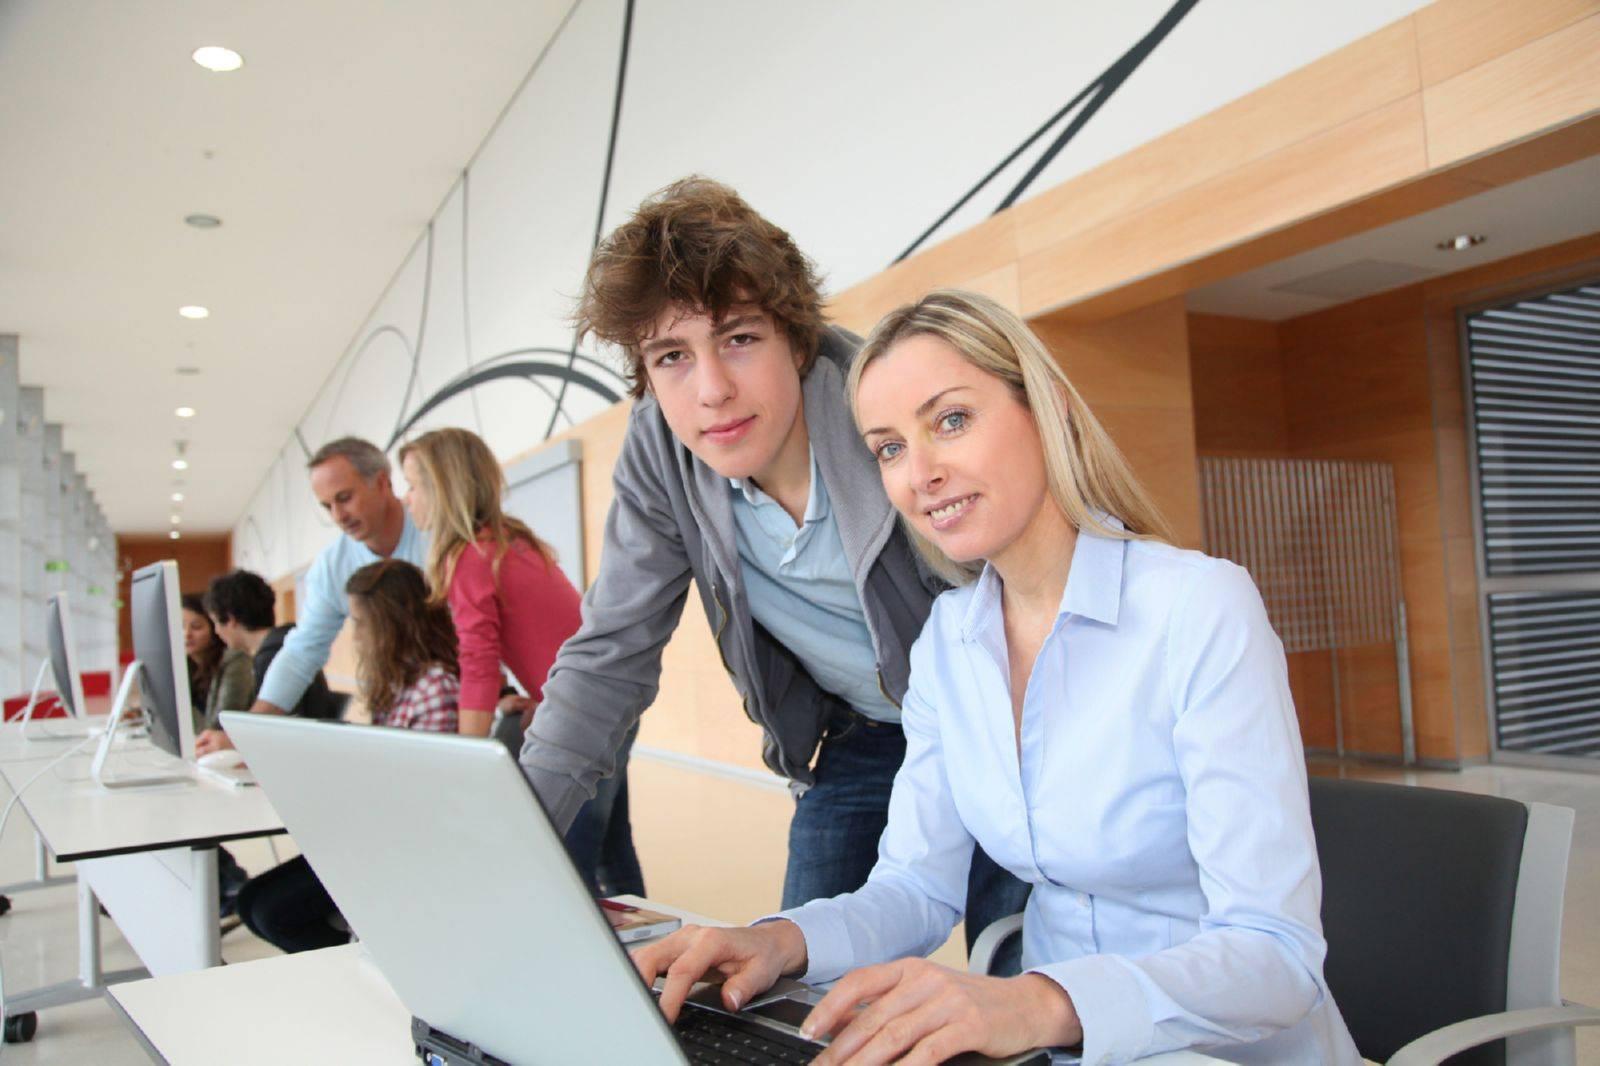 Работа в германии в 2021 году, вакансии для русских, украинцев, белорусов